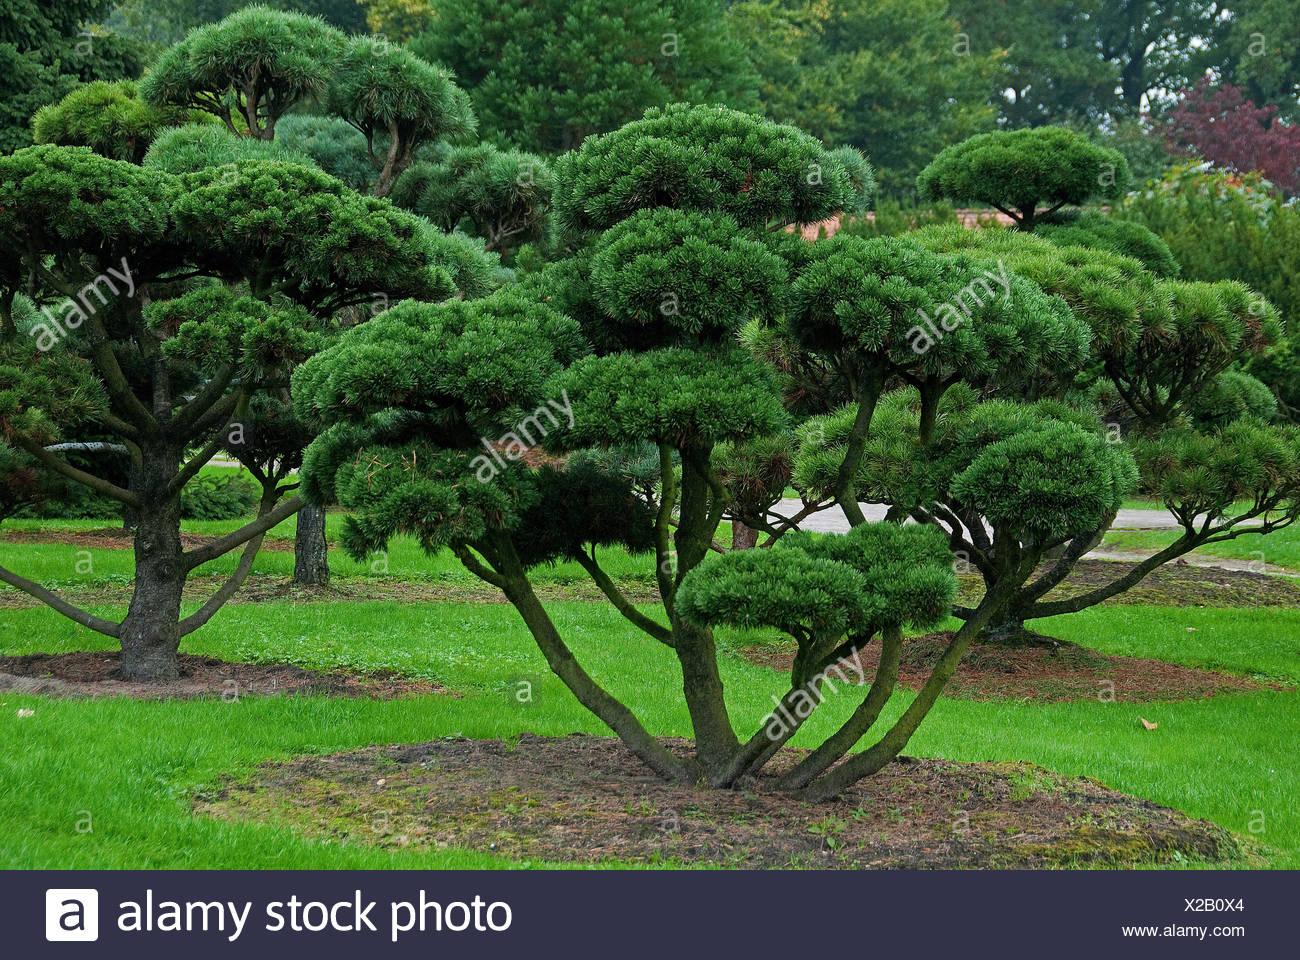 Mountain pine, Mugo pine (Pinus mugo 'Gnom', Pinus mugo Gnom), cultivar Gnom - Stock Image